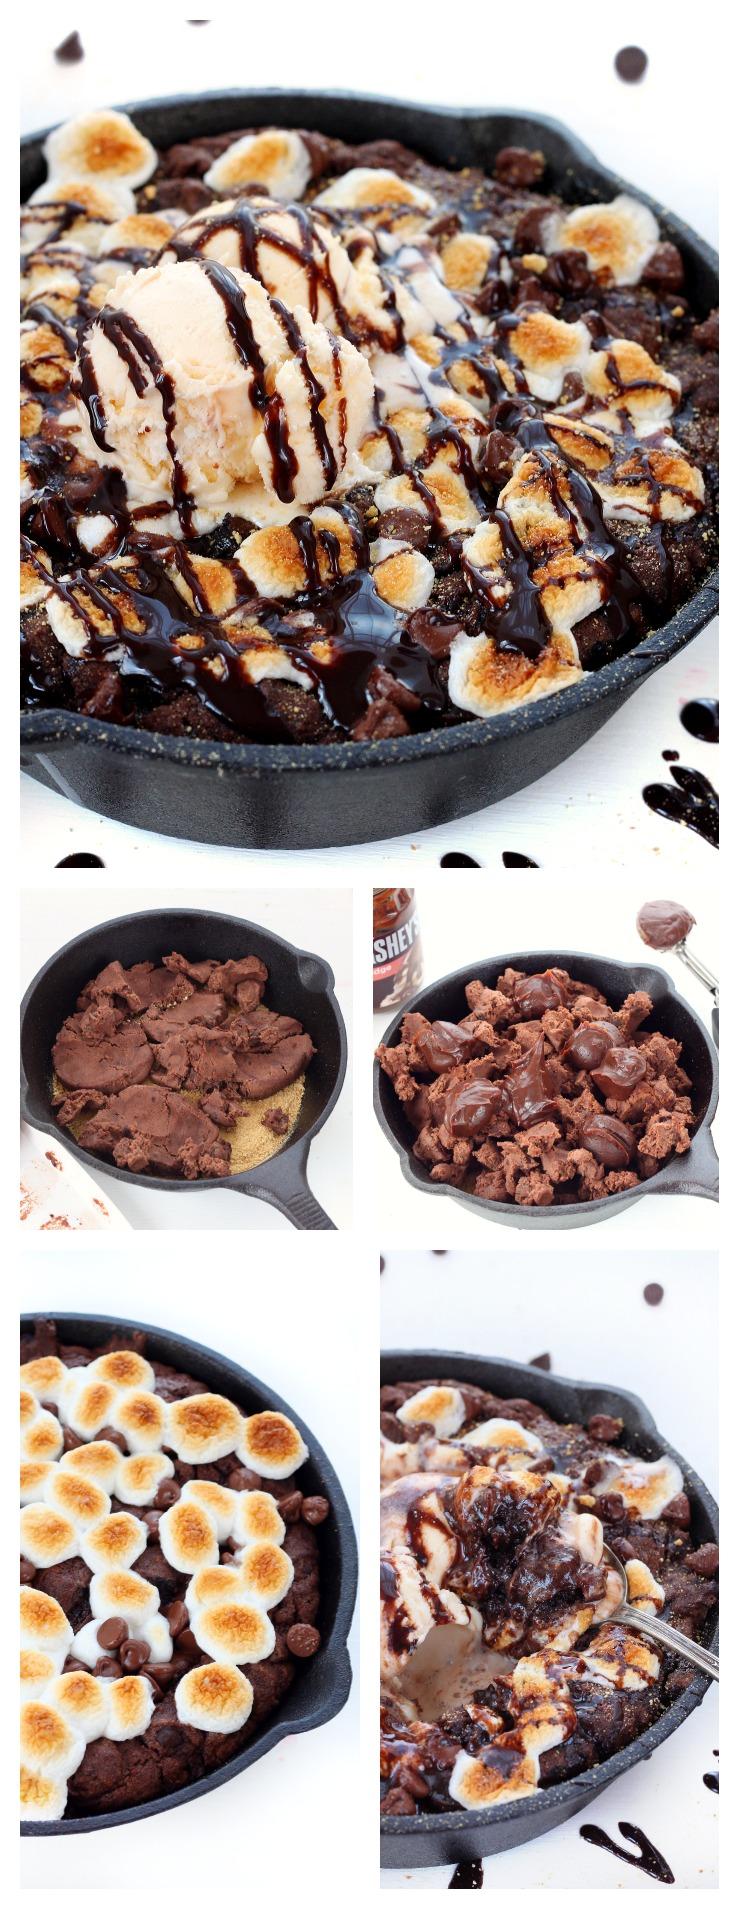 Triple chocolate smores pizookie